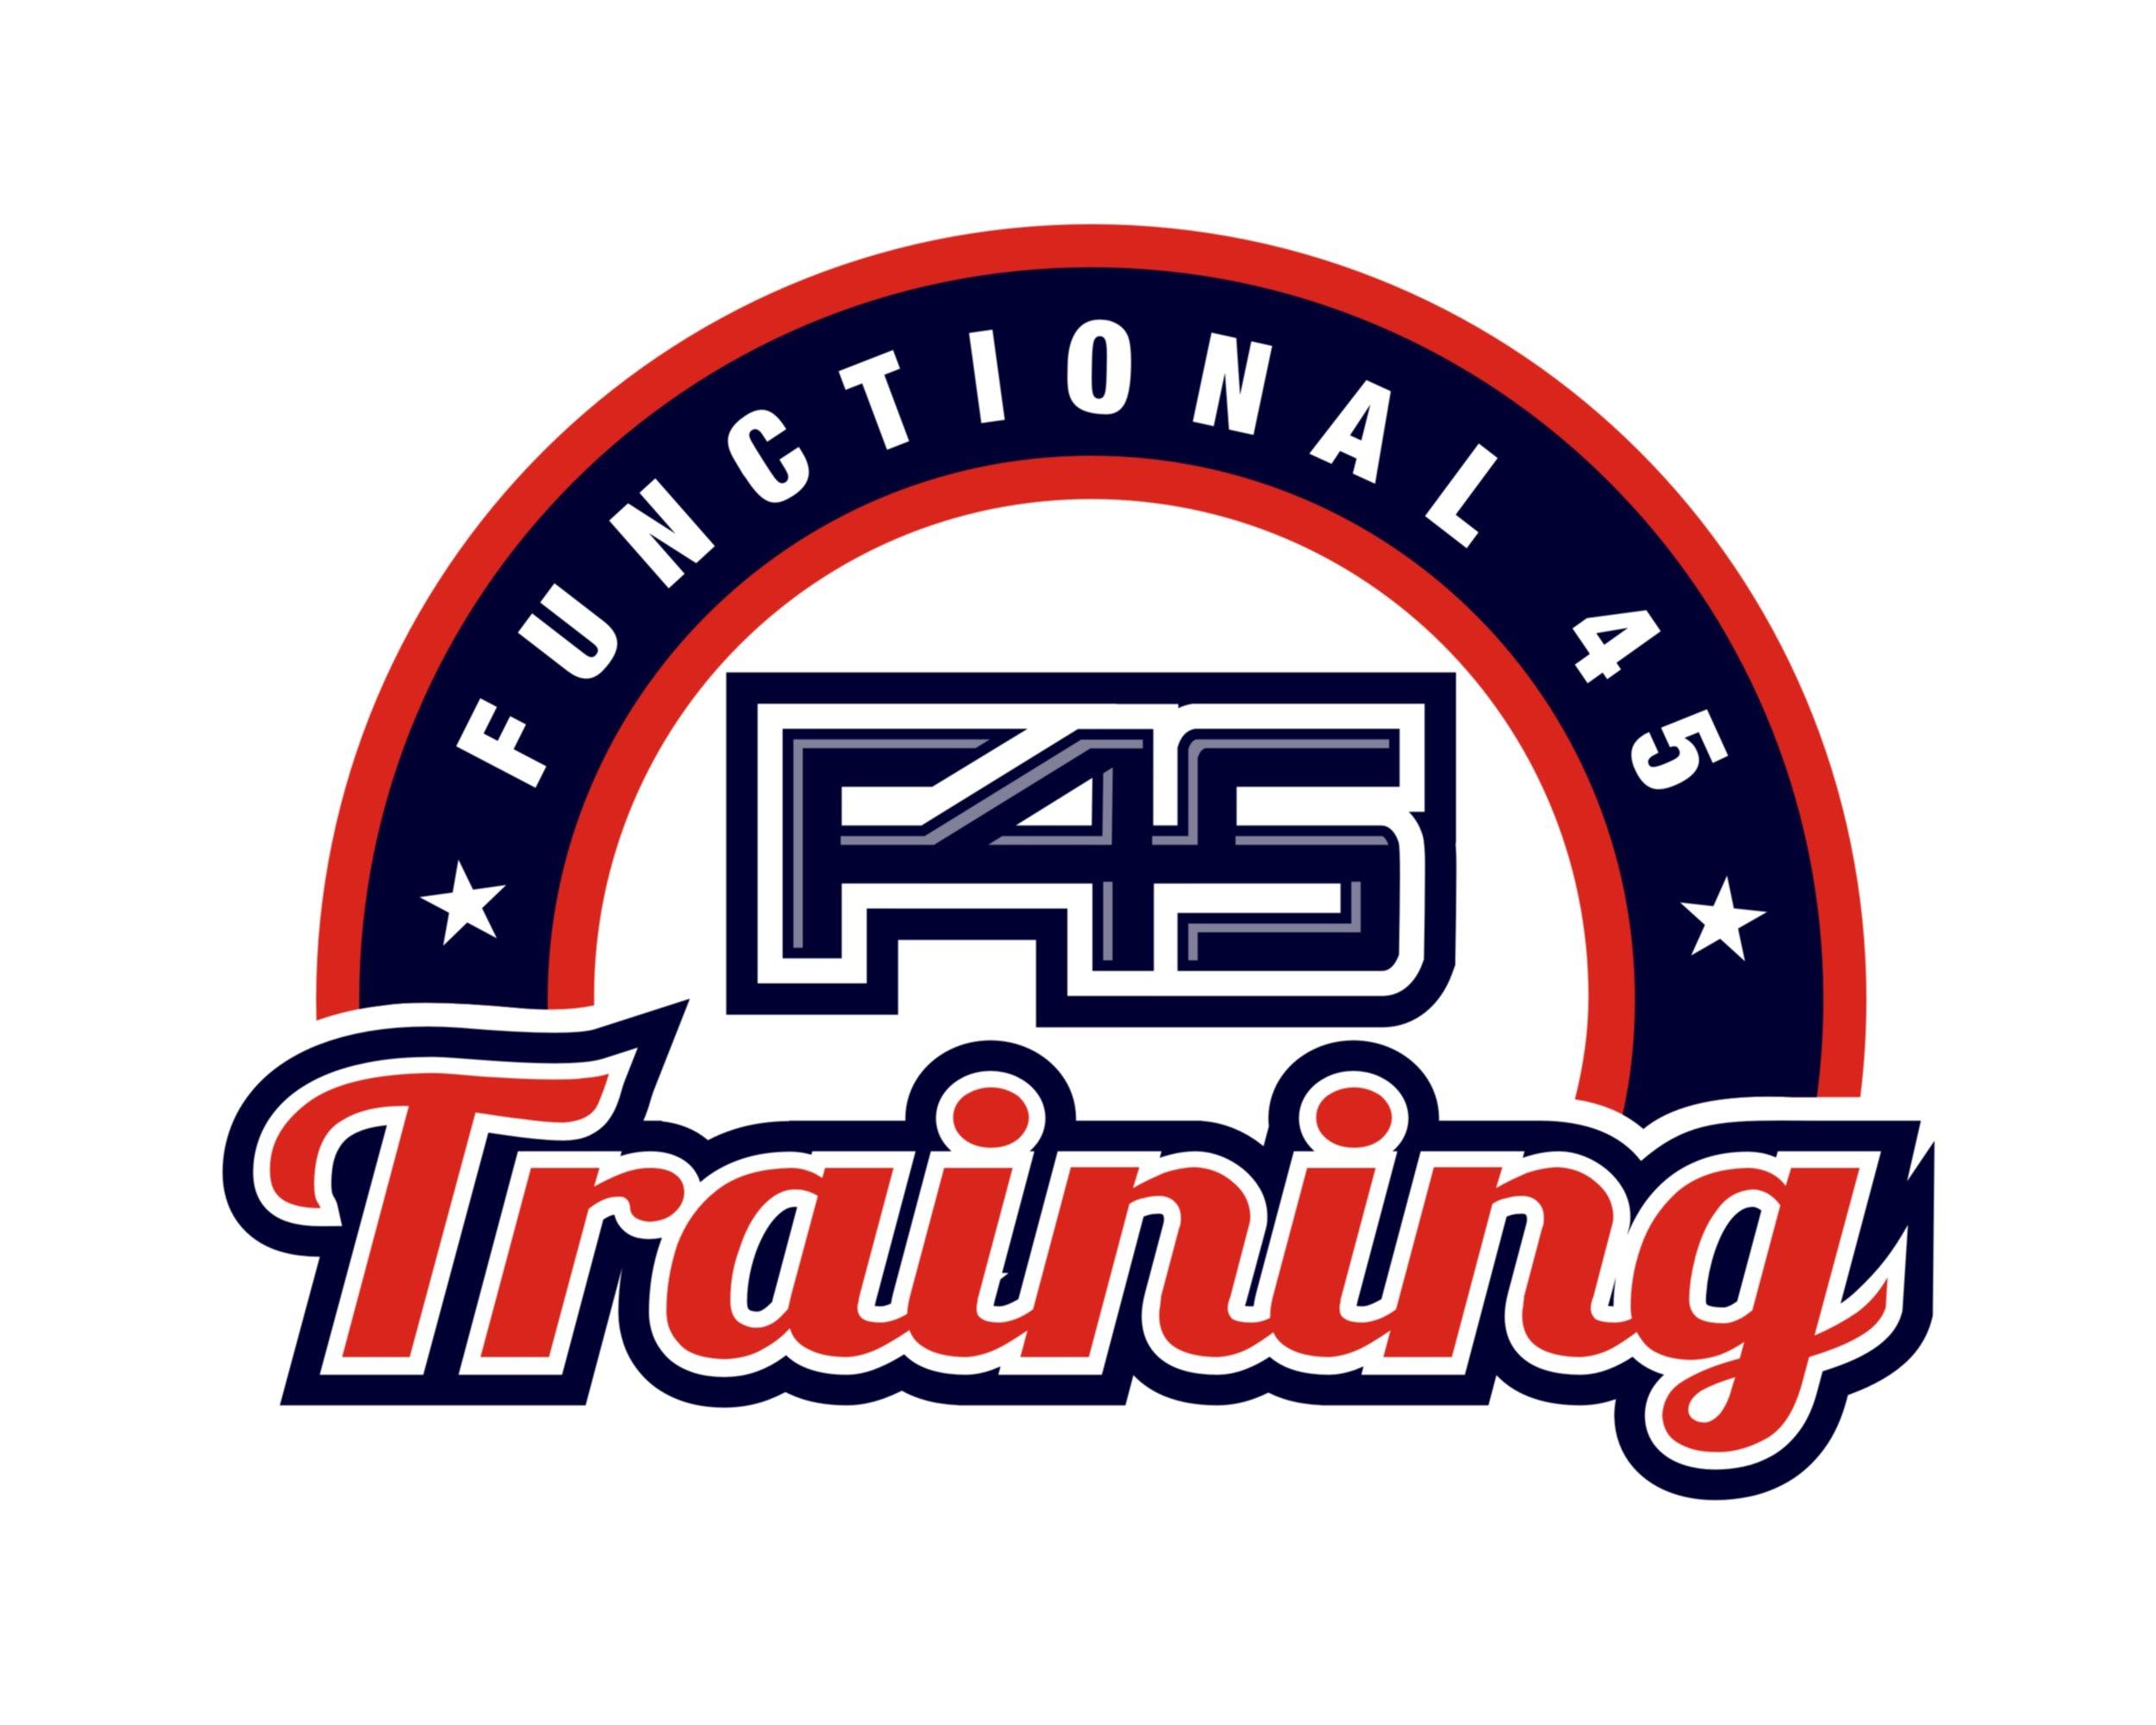 F45-final-logo (1).jpg